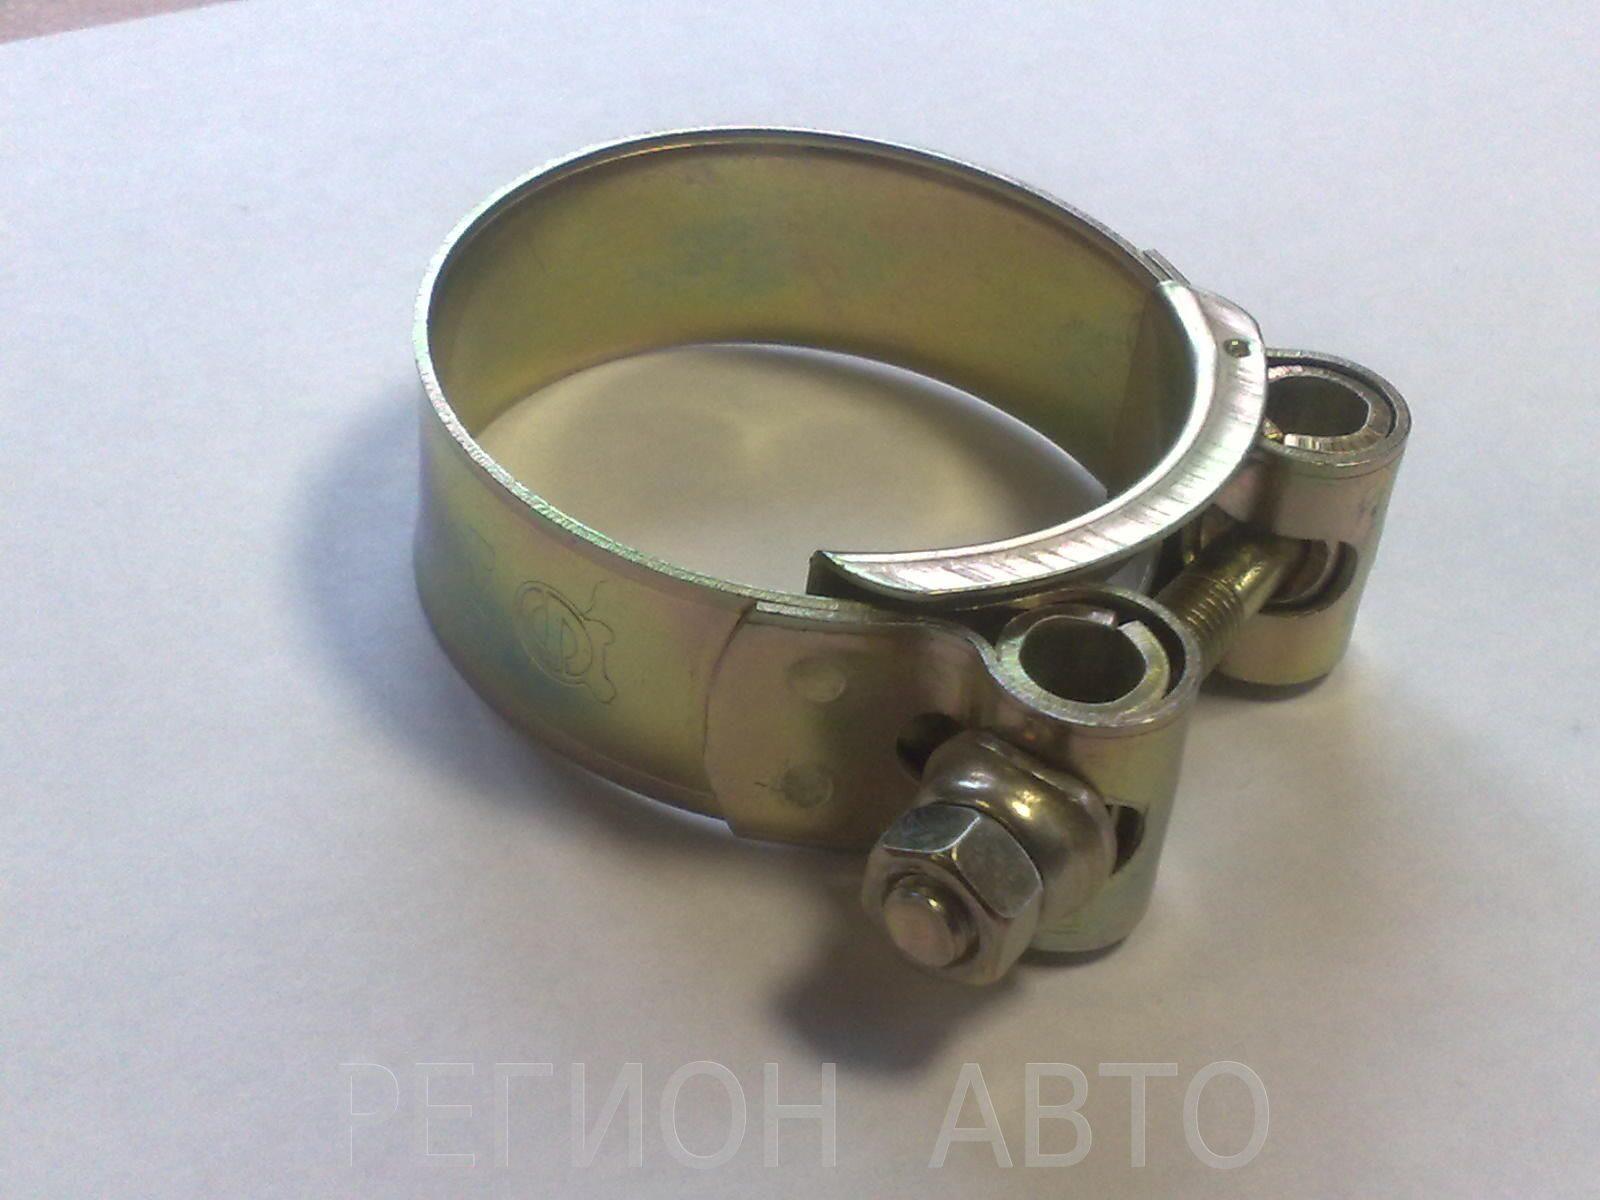 Утеплитель капота МТЗ-80: продажа, цена в Екатеринбурге.